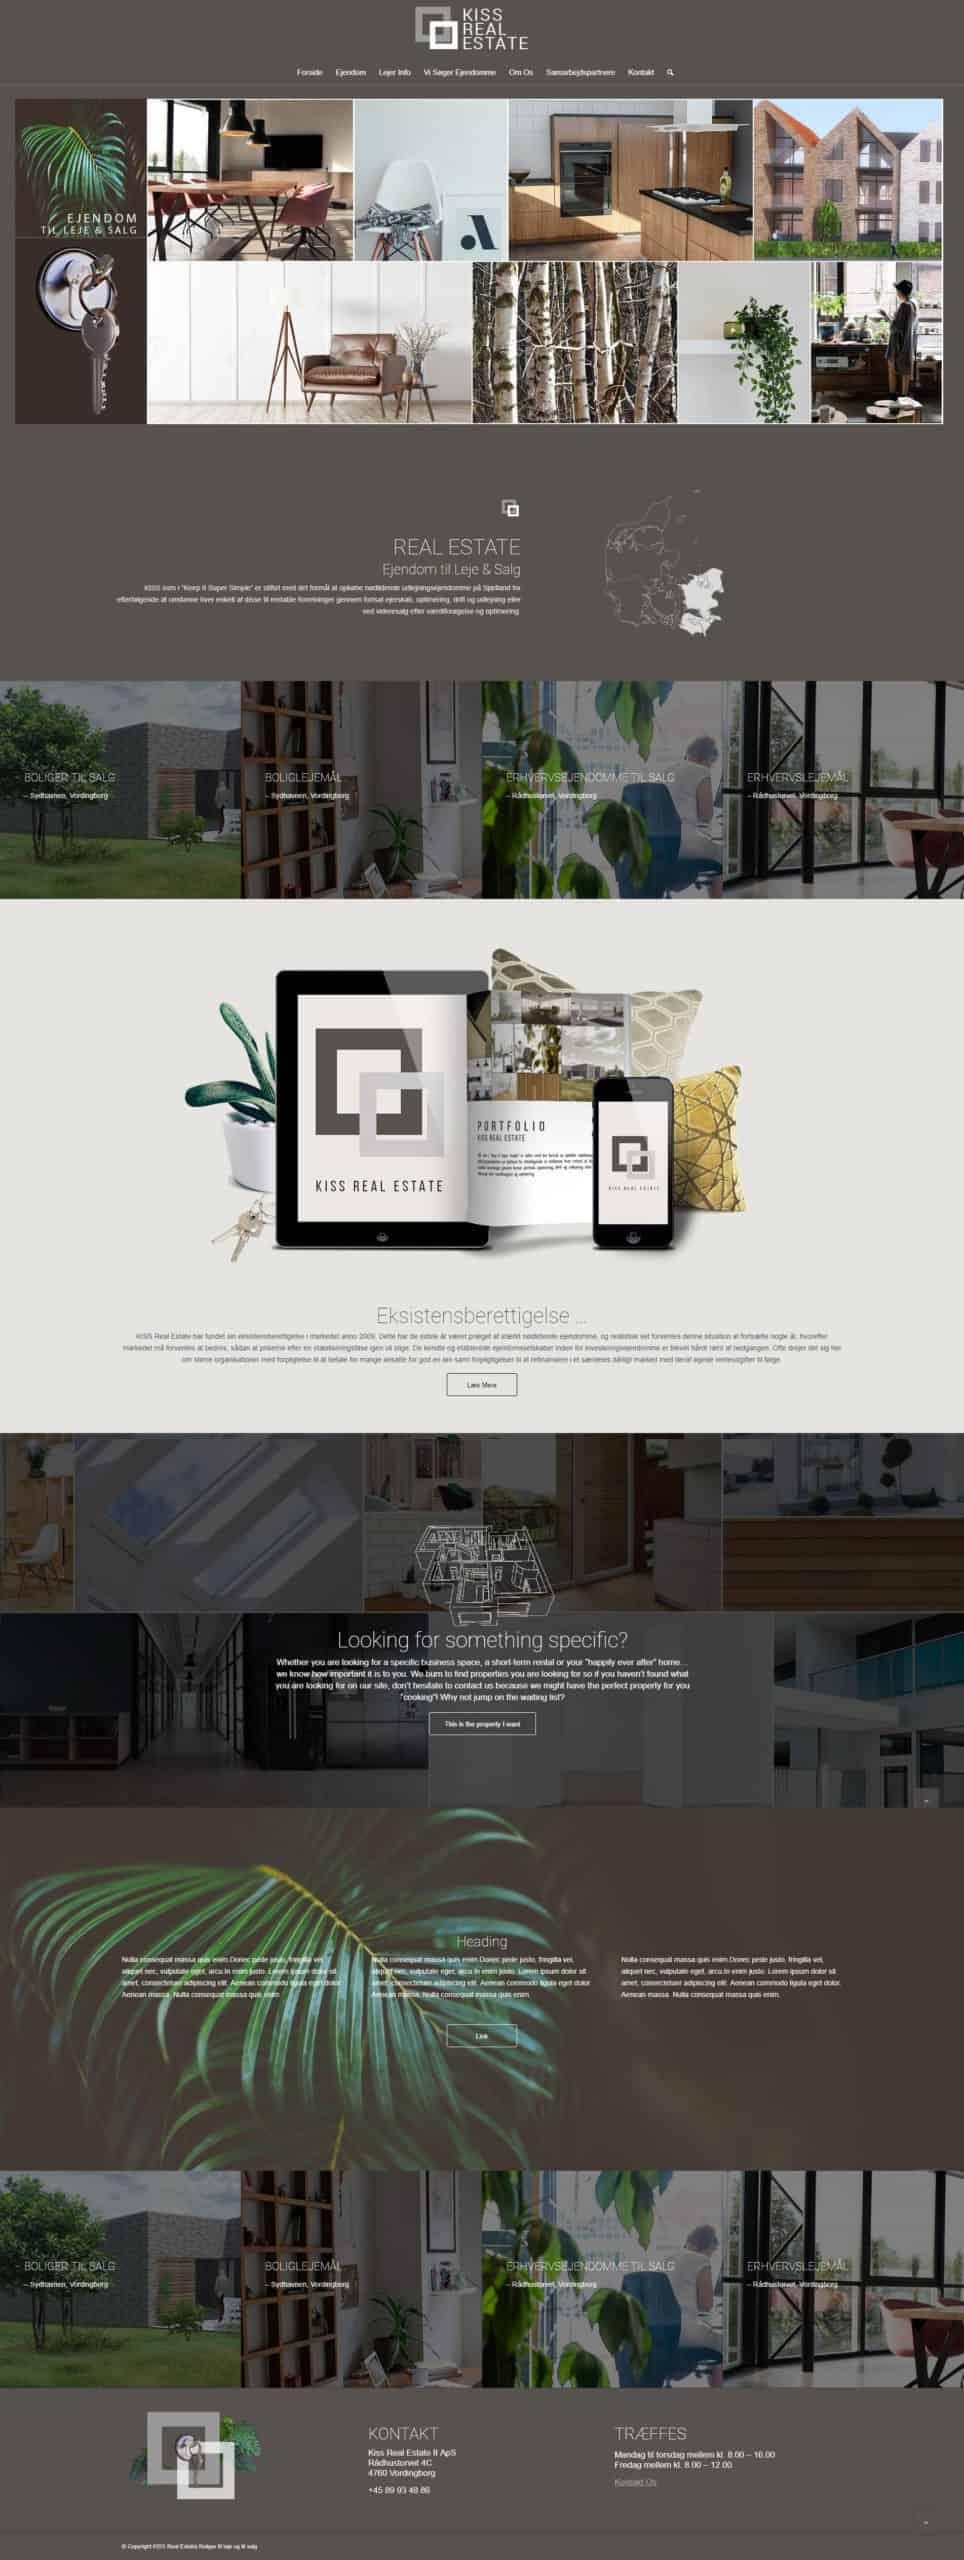 Forside screenshot af ny ejendomsmæglershjemmeside